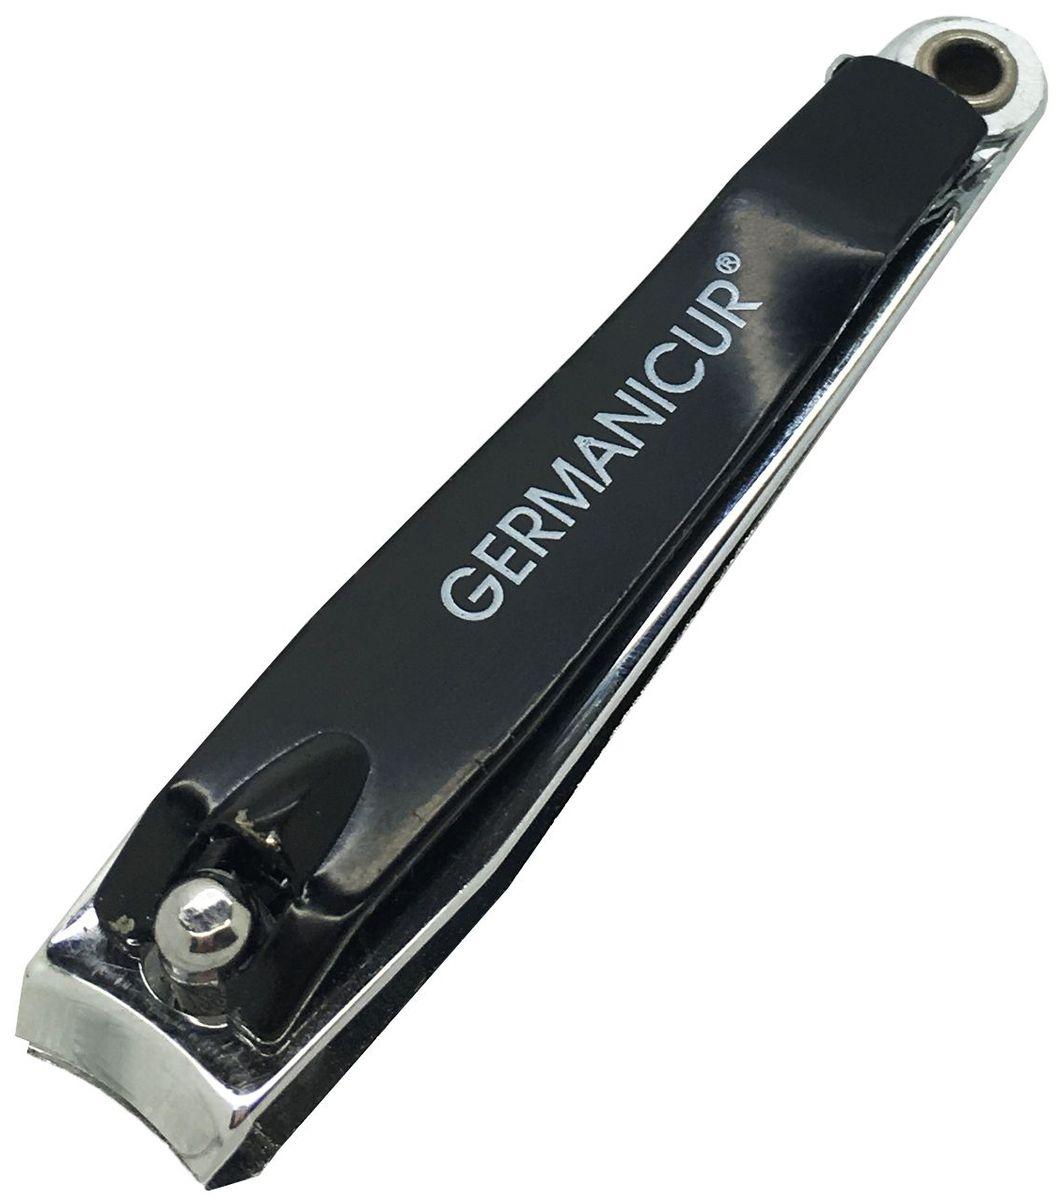 Germanicur Книпсер для ногтей GM-114-02 VS37311Книпсер для ногтей Germanicur корректирует форму, а так же размер ногтевой пластины. Отлично подходит для использования вне дома, за счет компактности и удобства использования.Как ухаживать за ногтями: советы эксперта. Статья OZON Гид